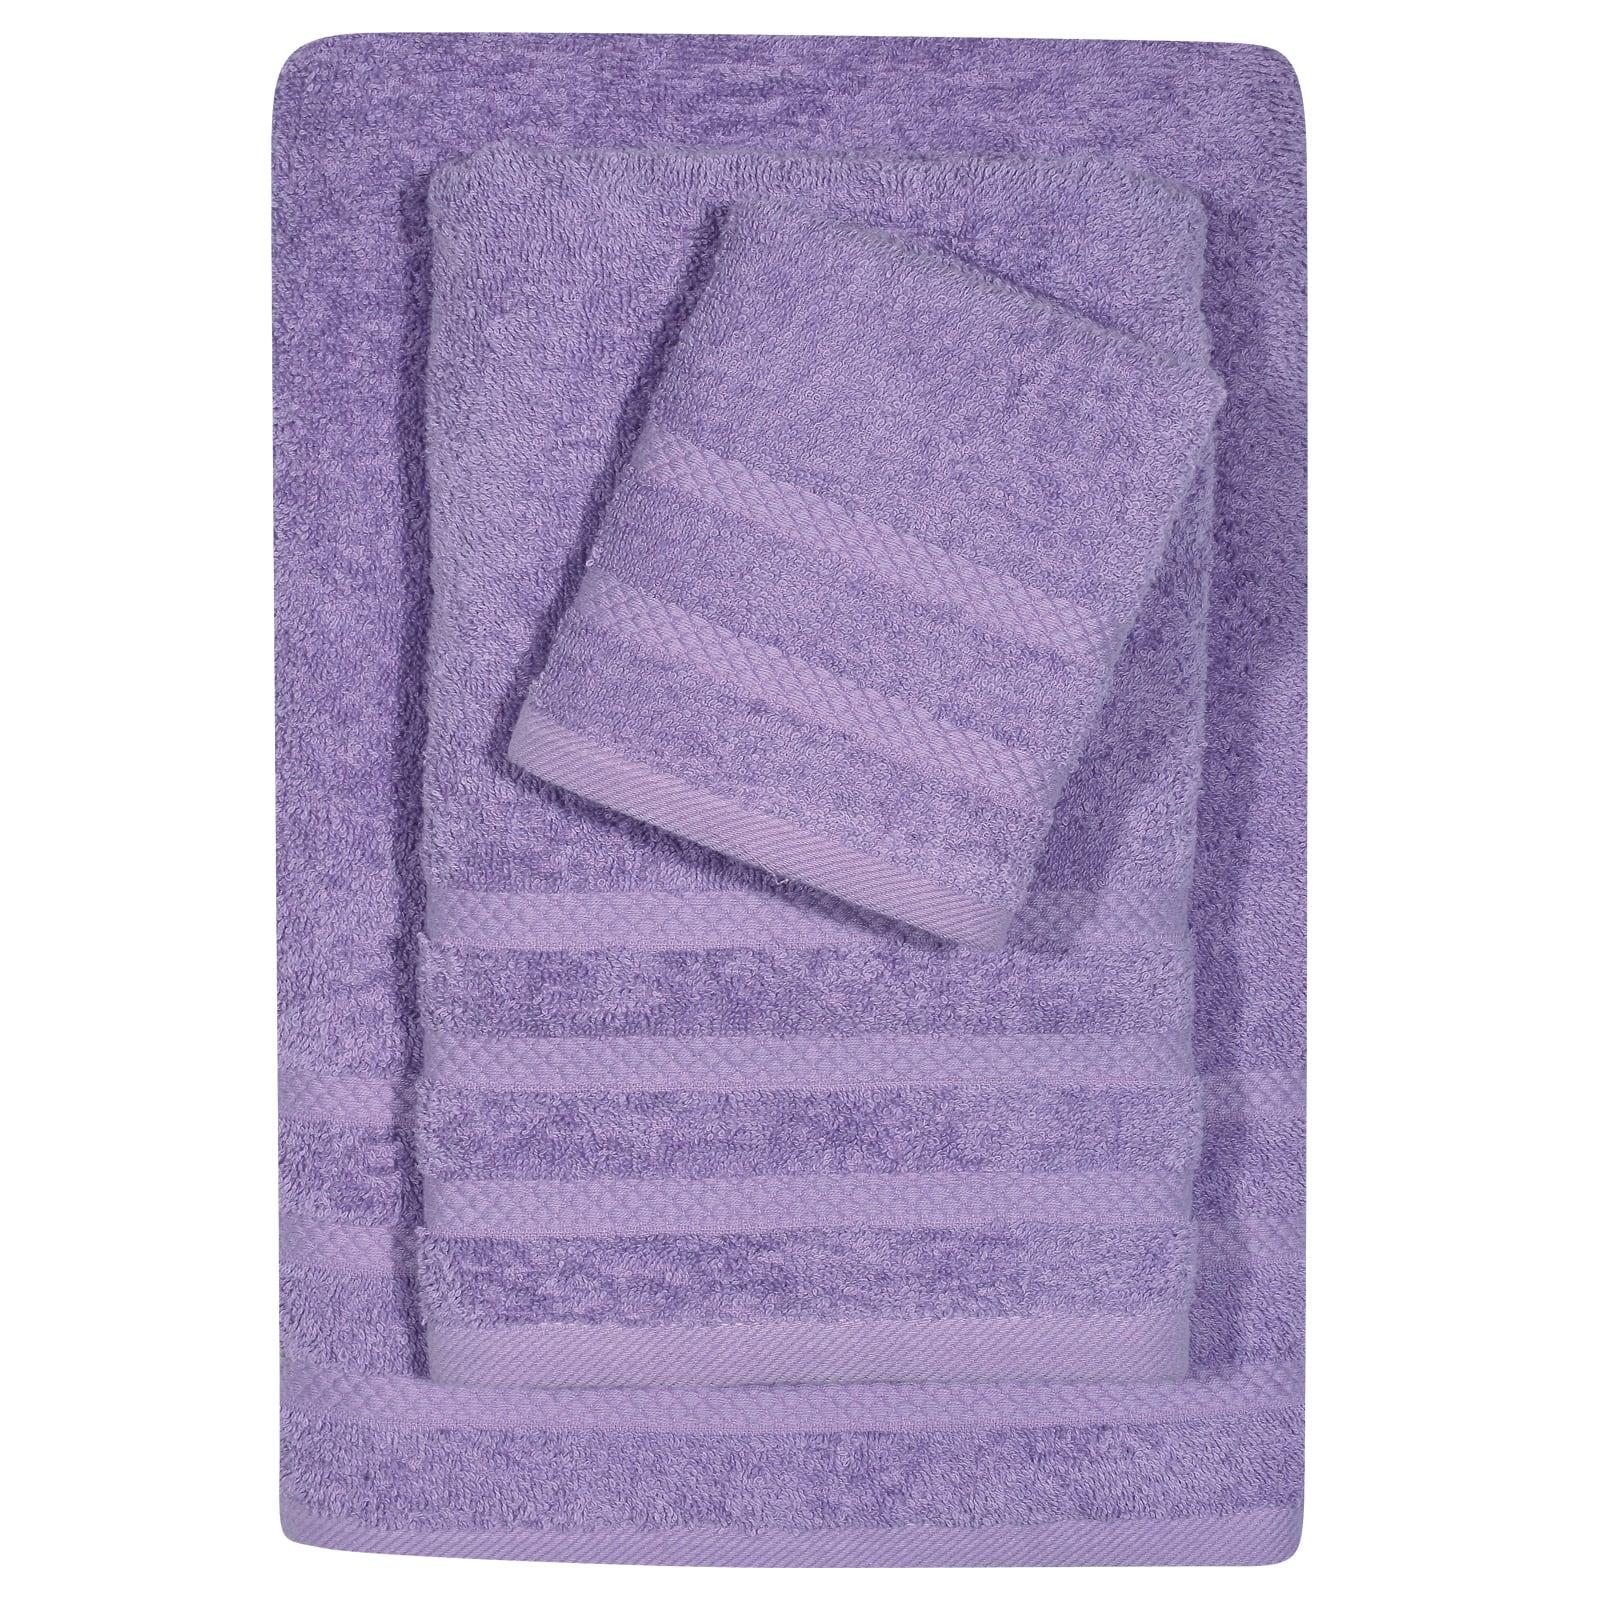 Πετσέτα 1235 Happy Purple Das Home Σώματος 70x140cm